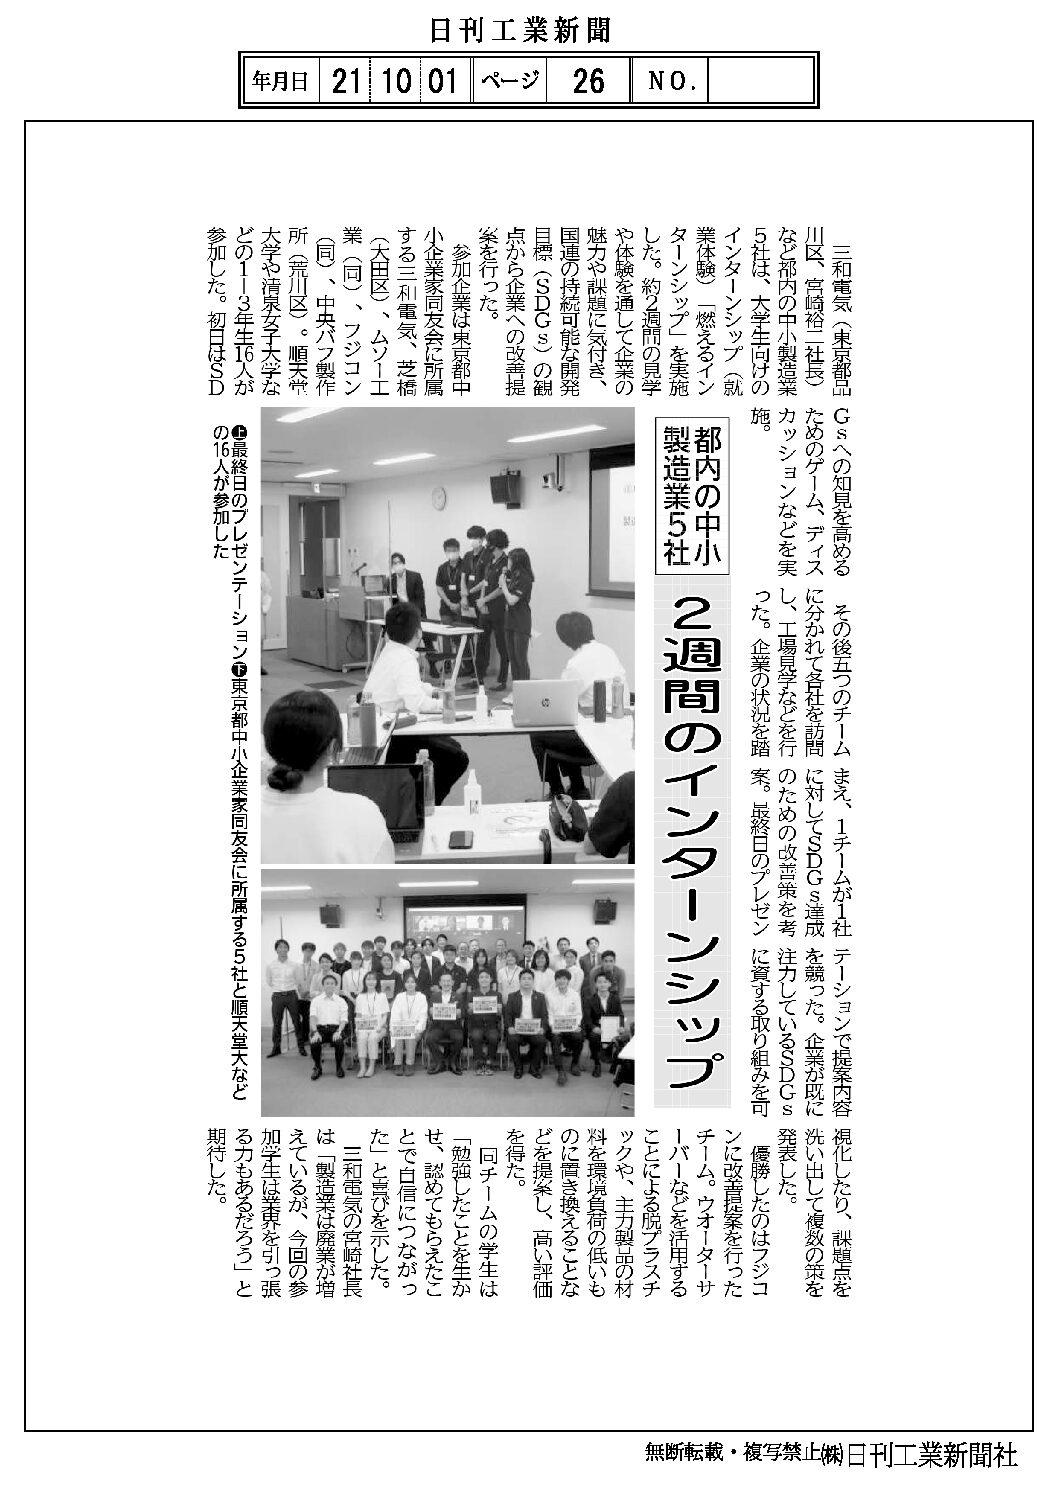 日刊工業新聞「都内中小製造業5社 2週間のインターンシップ」に掲載されました